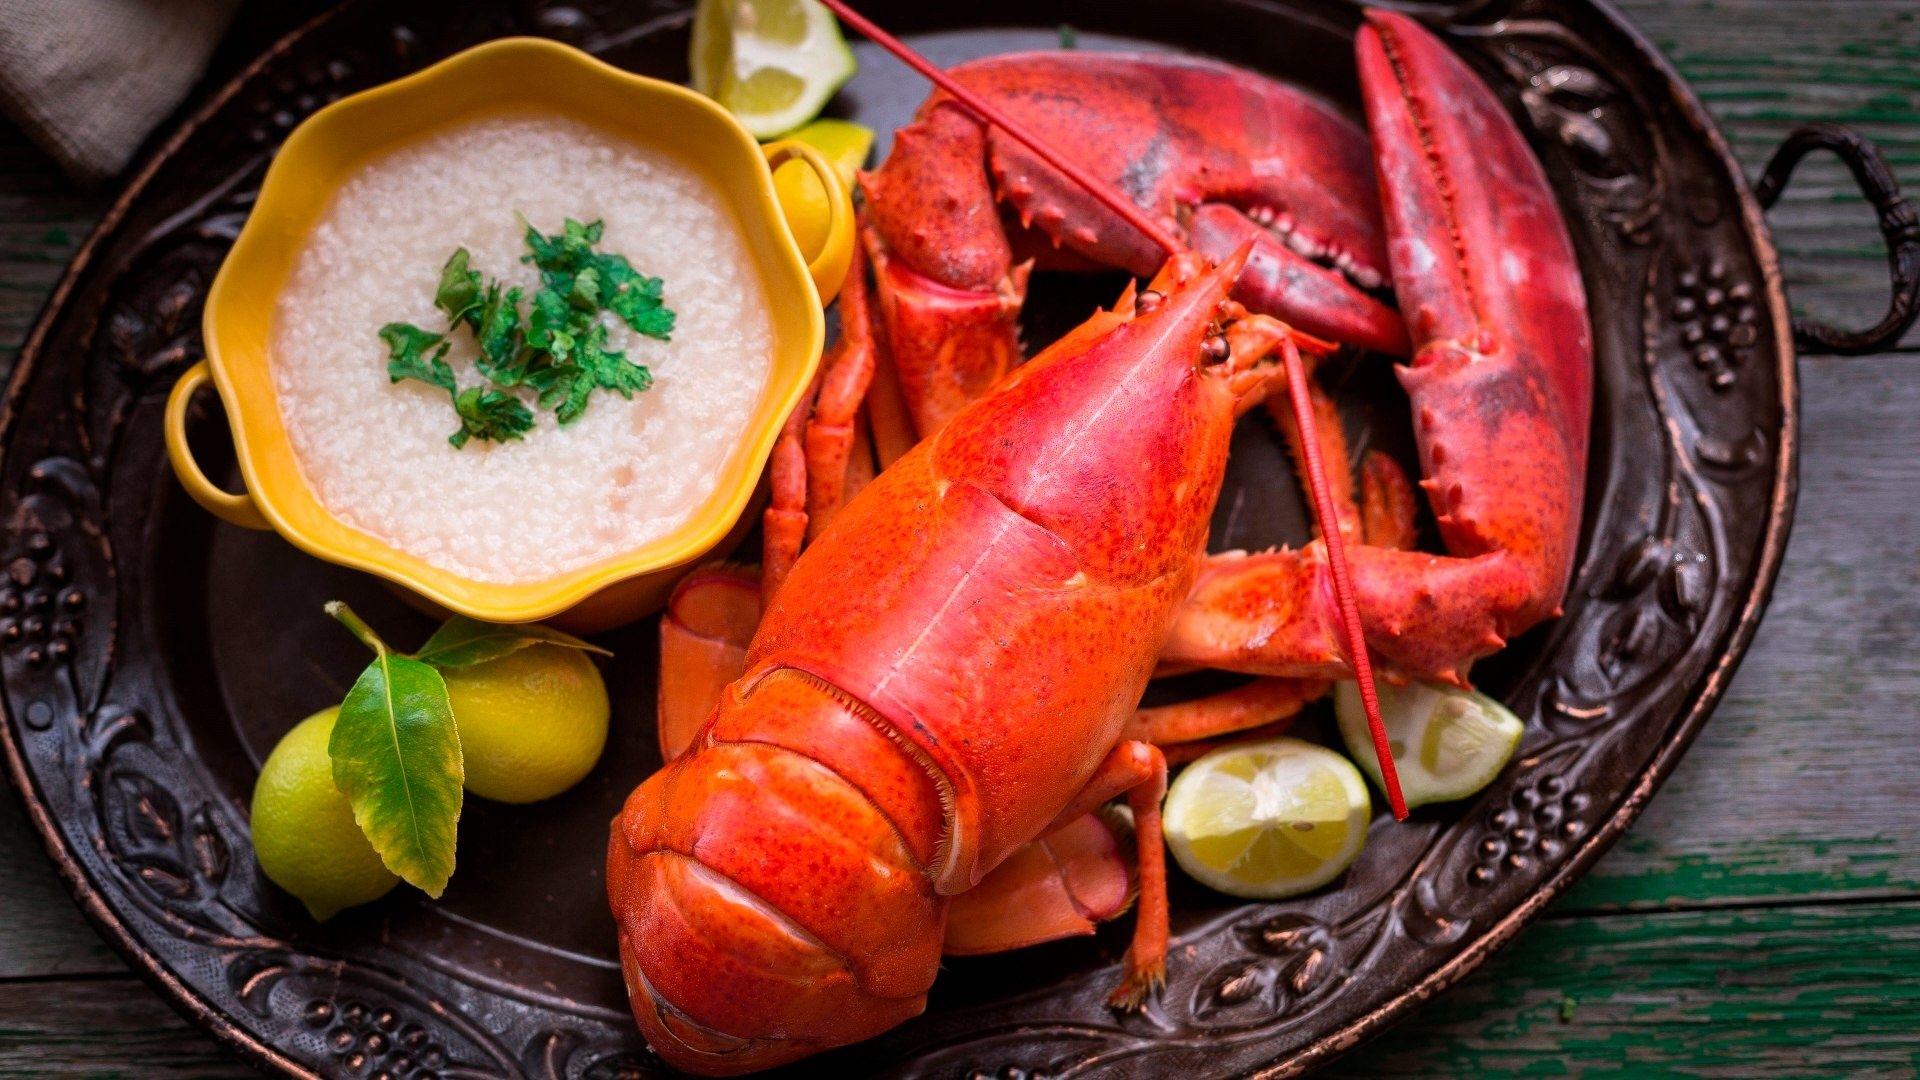 Lobster desktop wallpaper